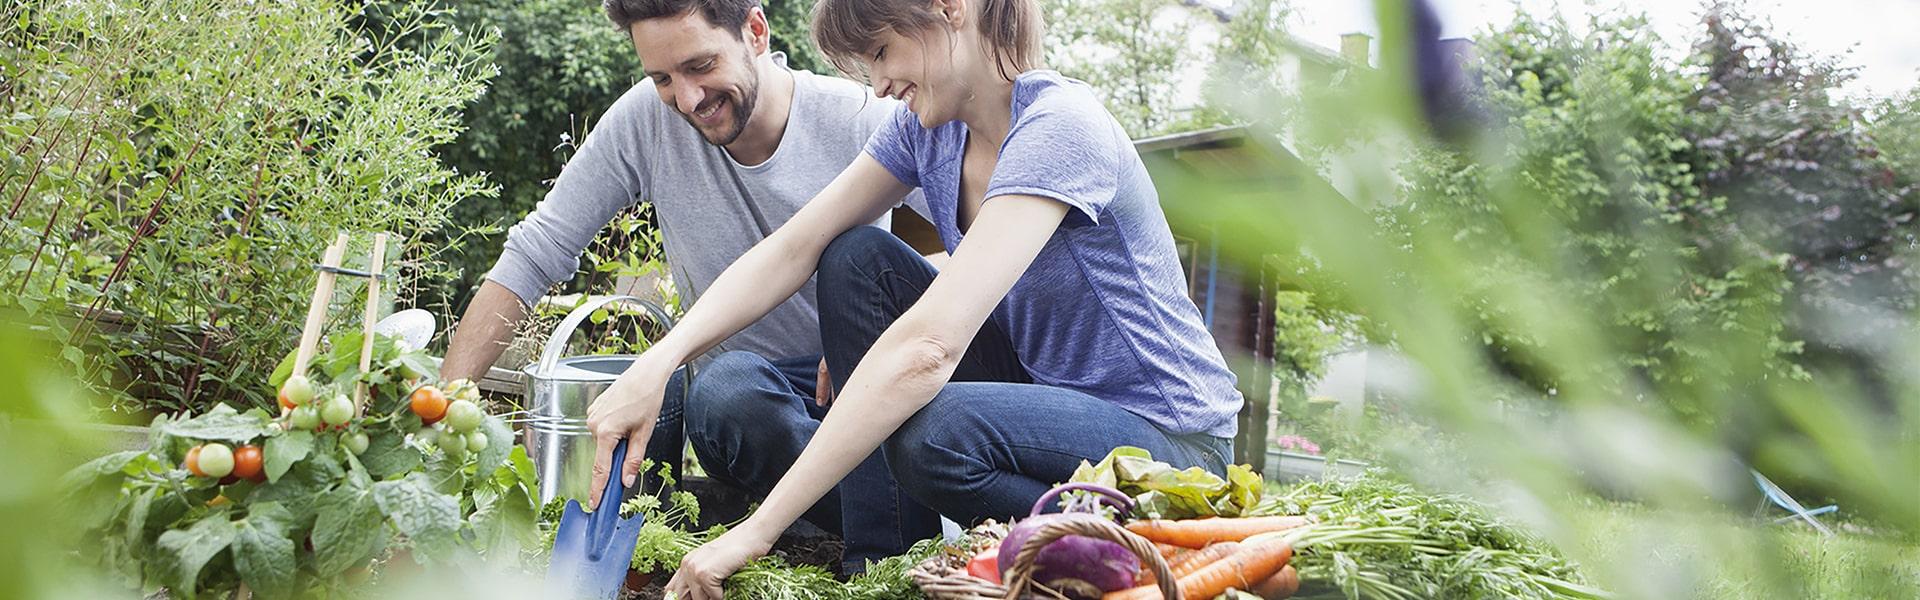 Römi Start Up Folientunnel Paar arbeitet im Gemüsegarten